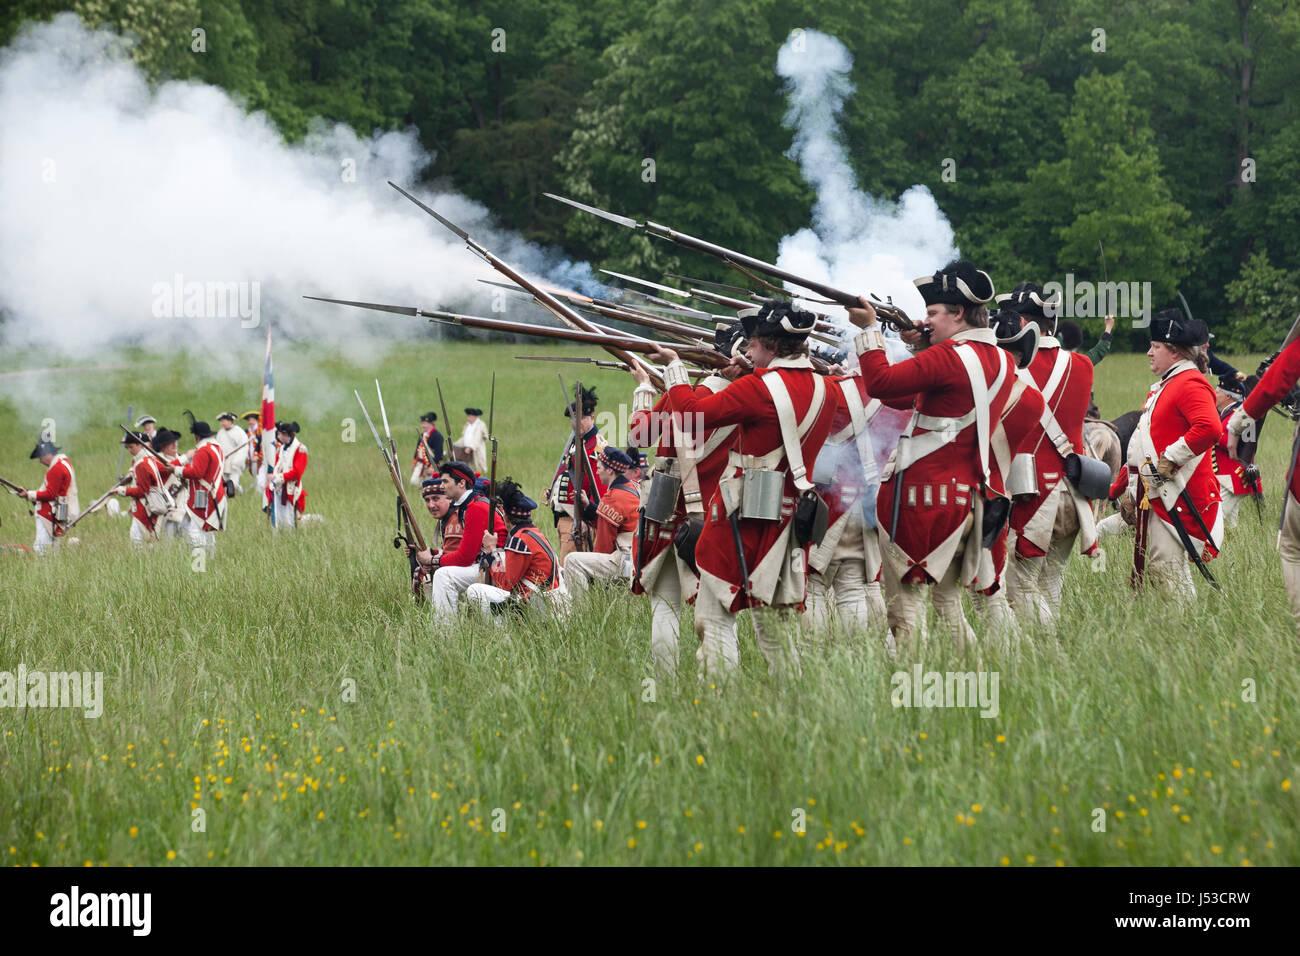 Des soldats britanniques au cours d'une reconstitution de la guerre révolutionnaire du 18ème siècle Photo Stock